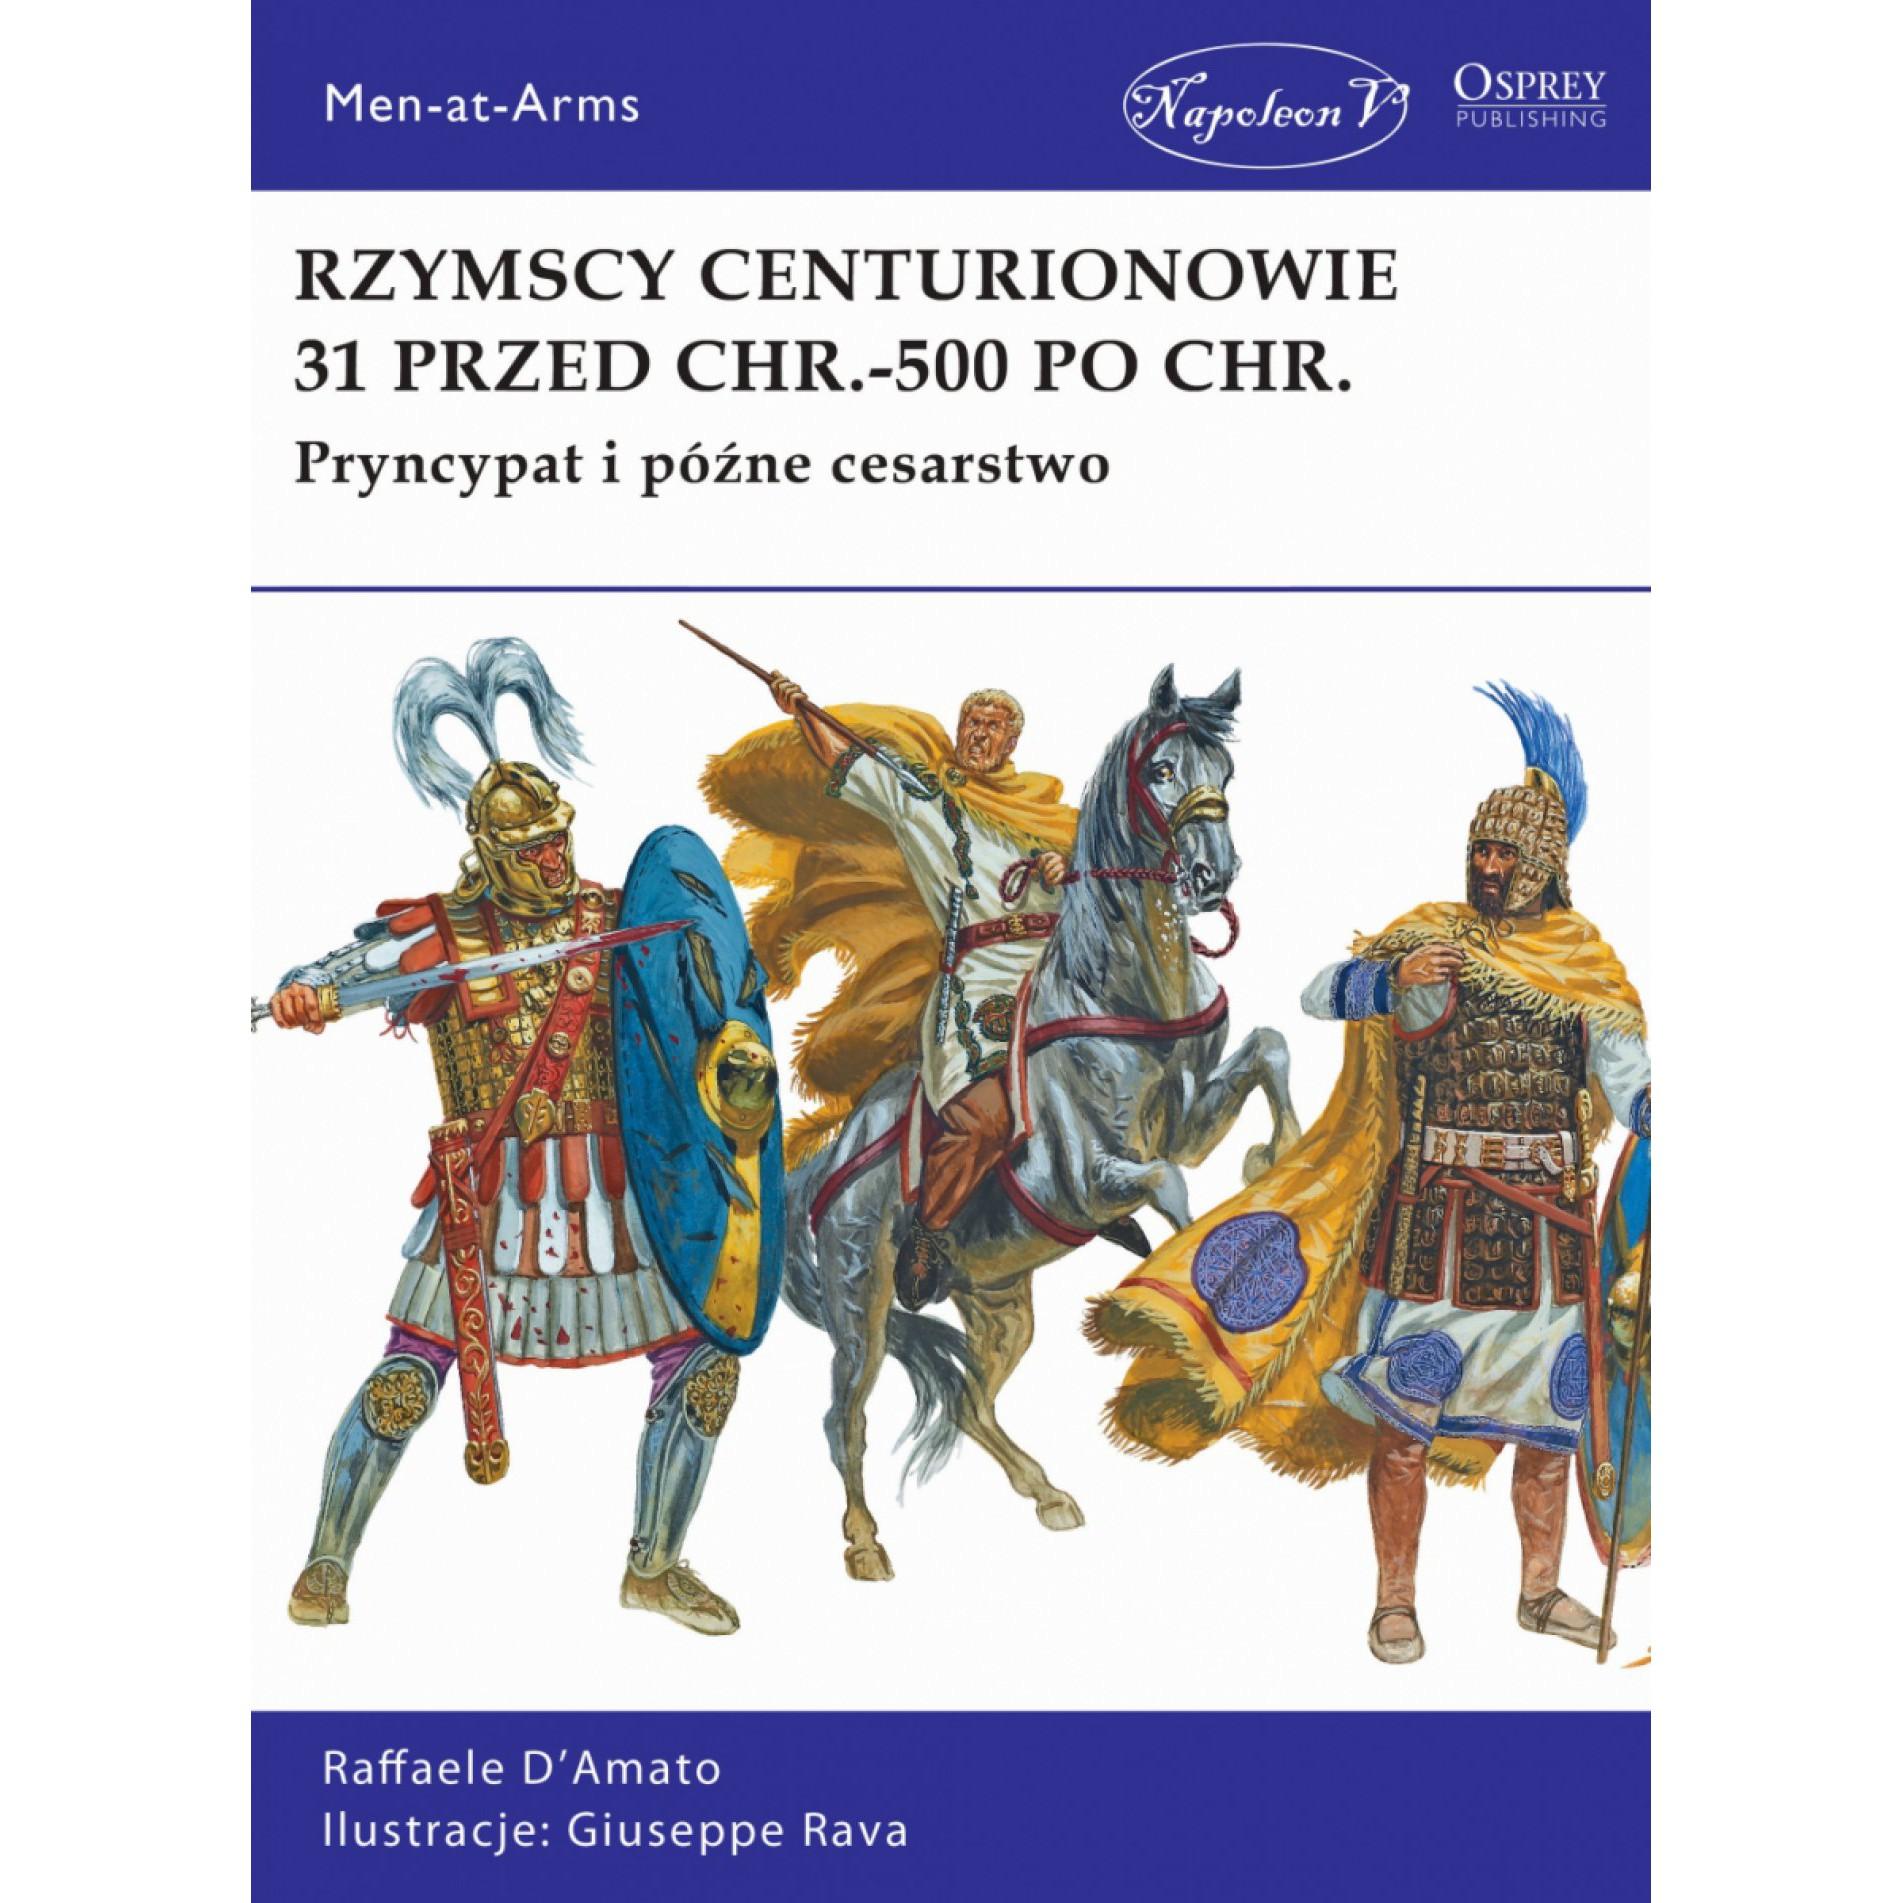 Rzymscy centurionowie 31 przed Chr.-500 po Chr.